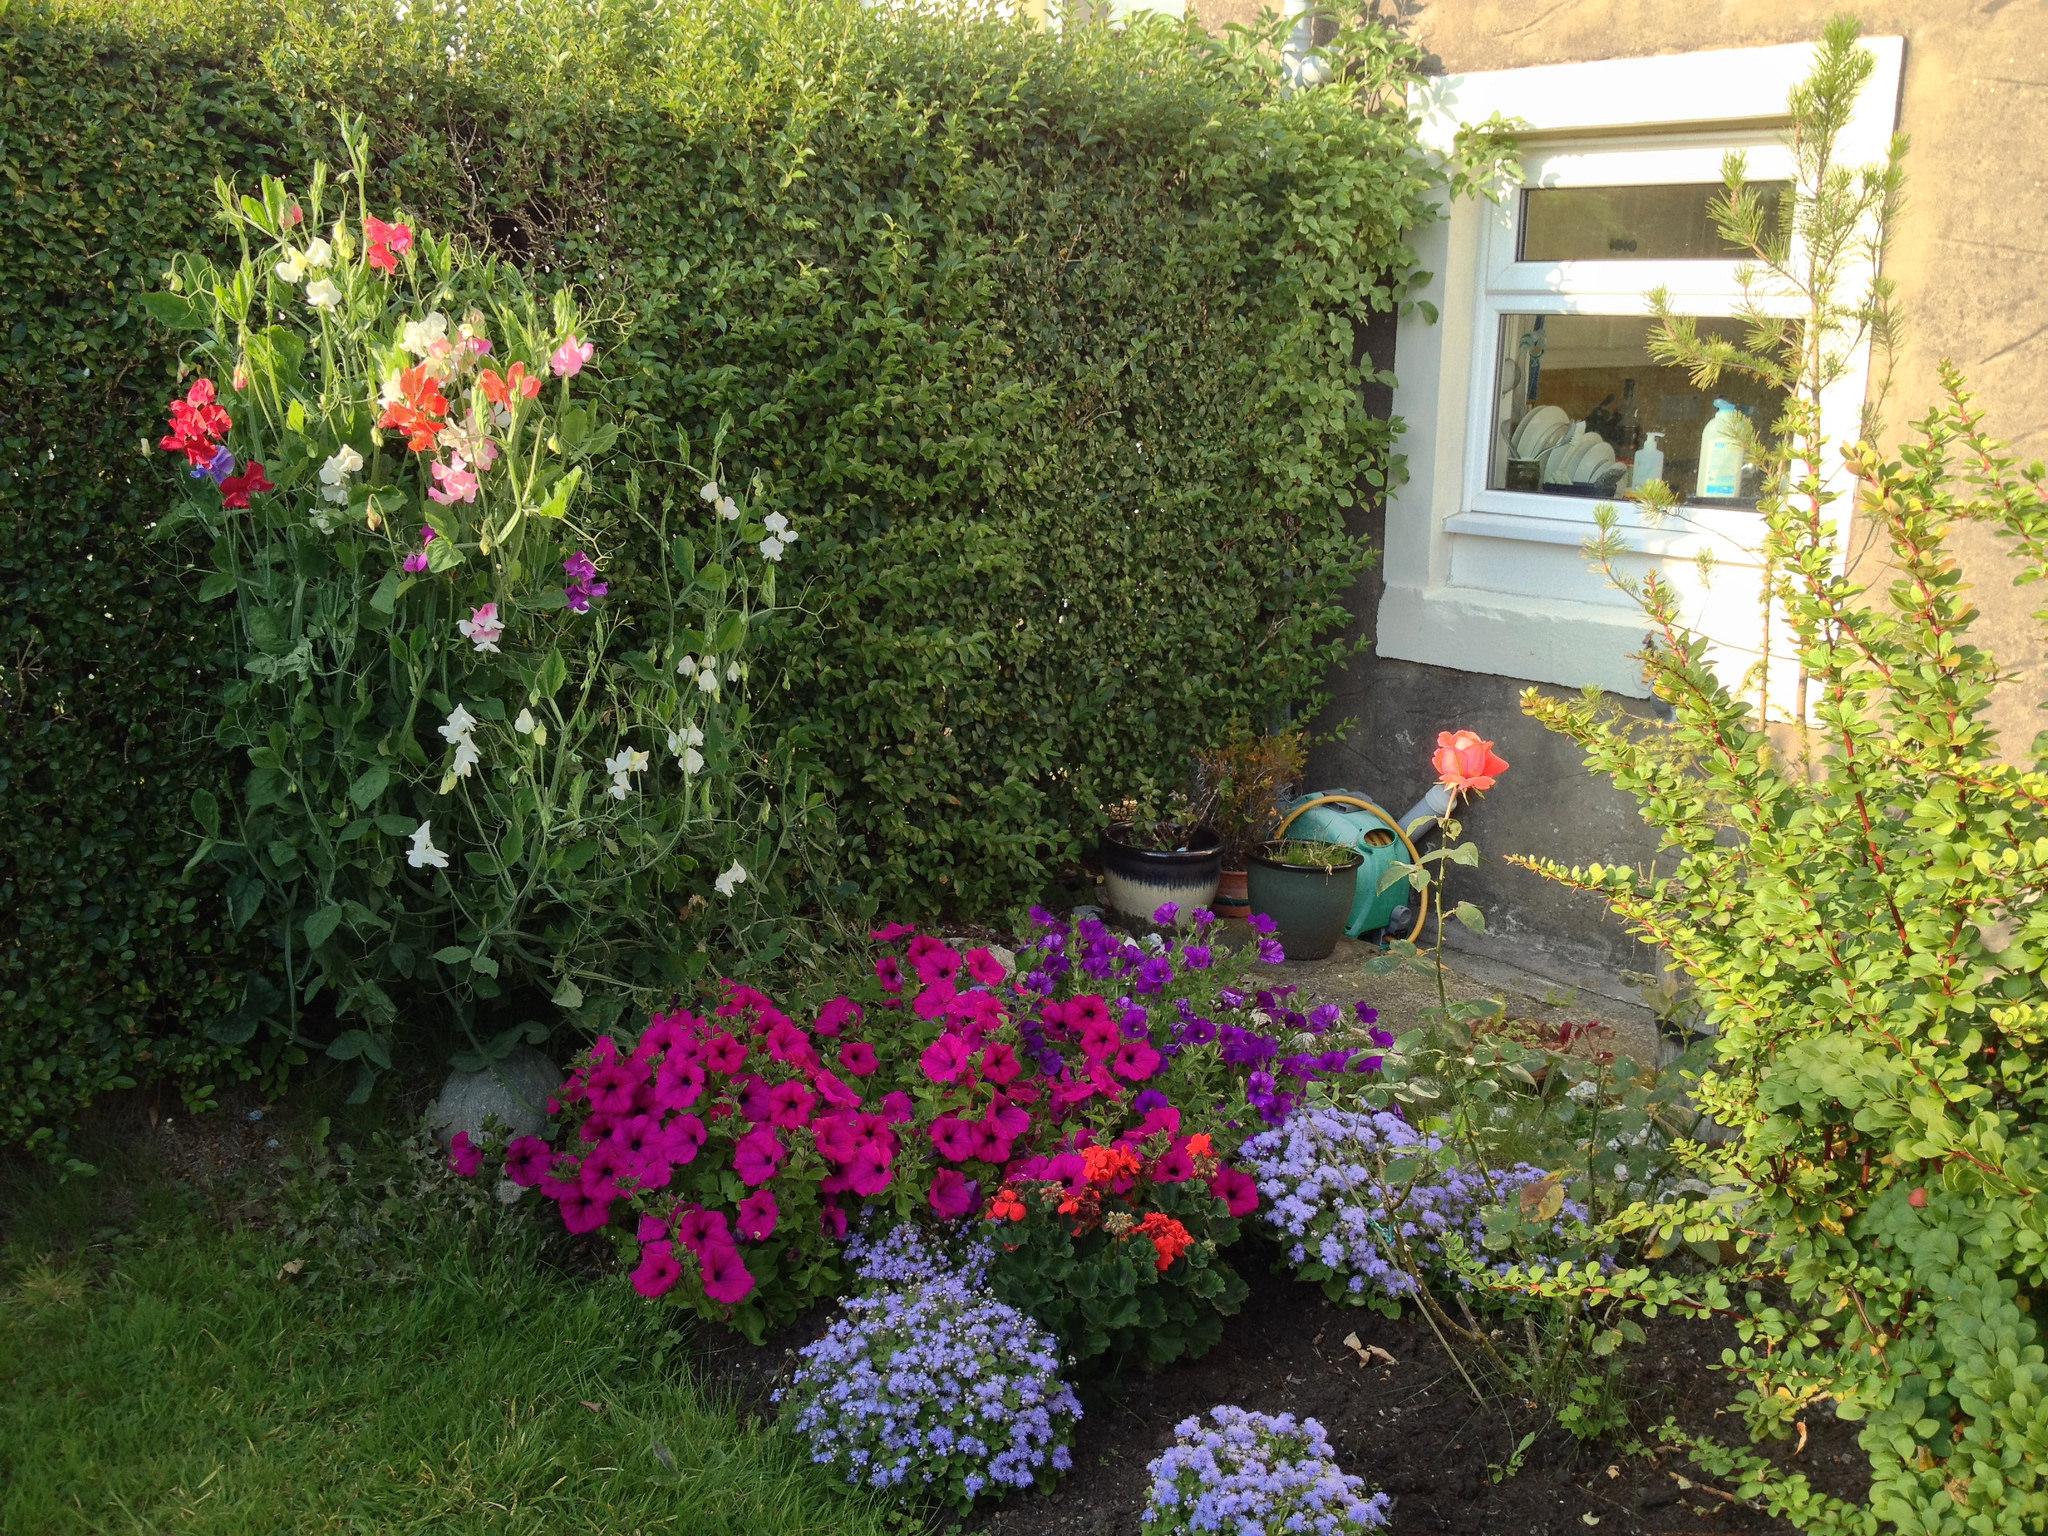 اجمل الحدائق بجودة عالية 4